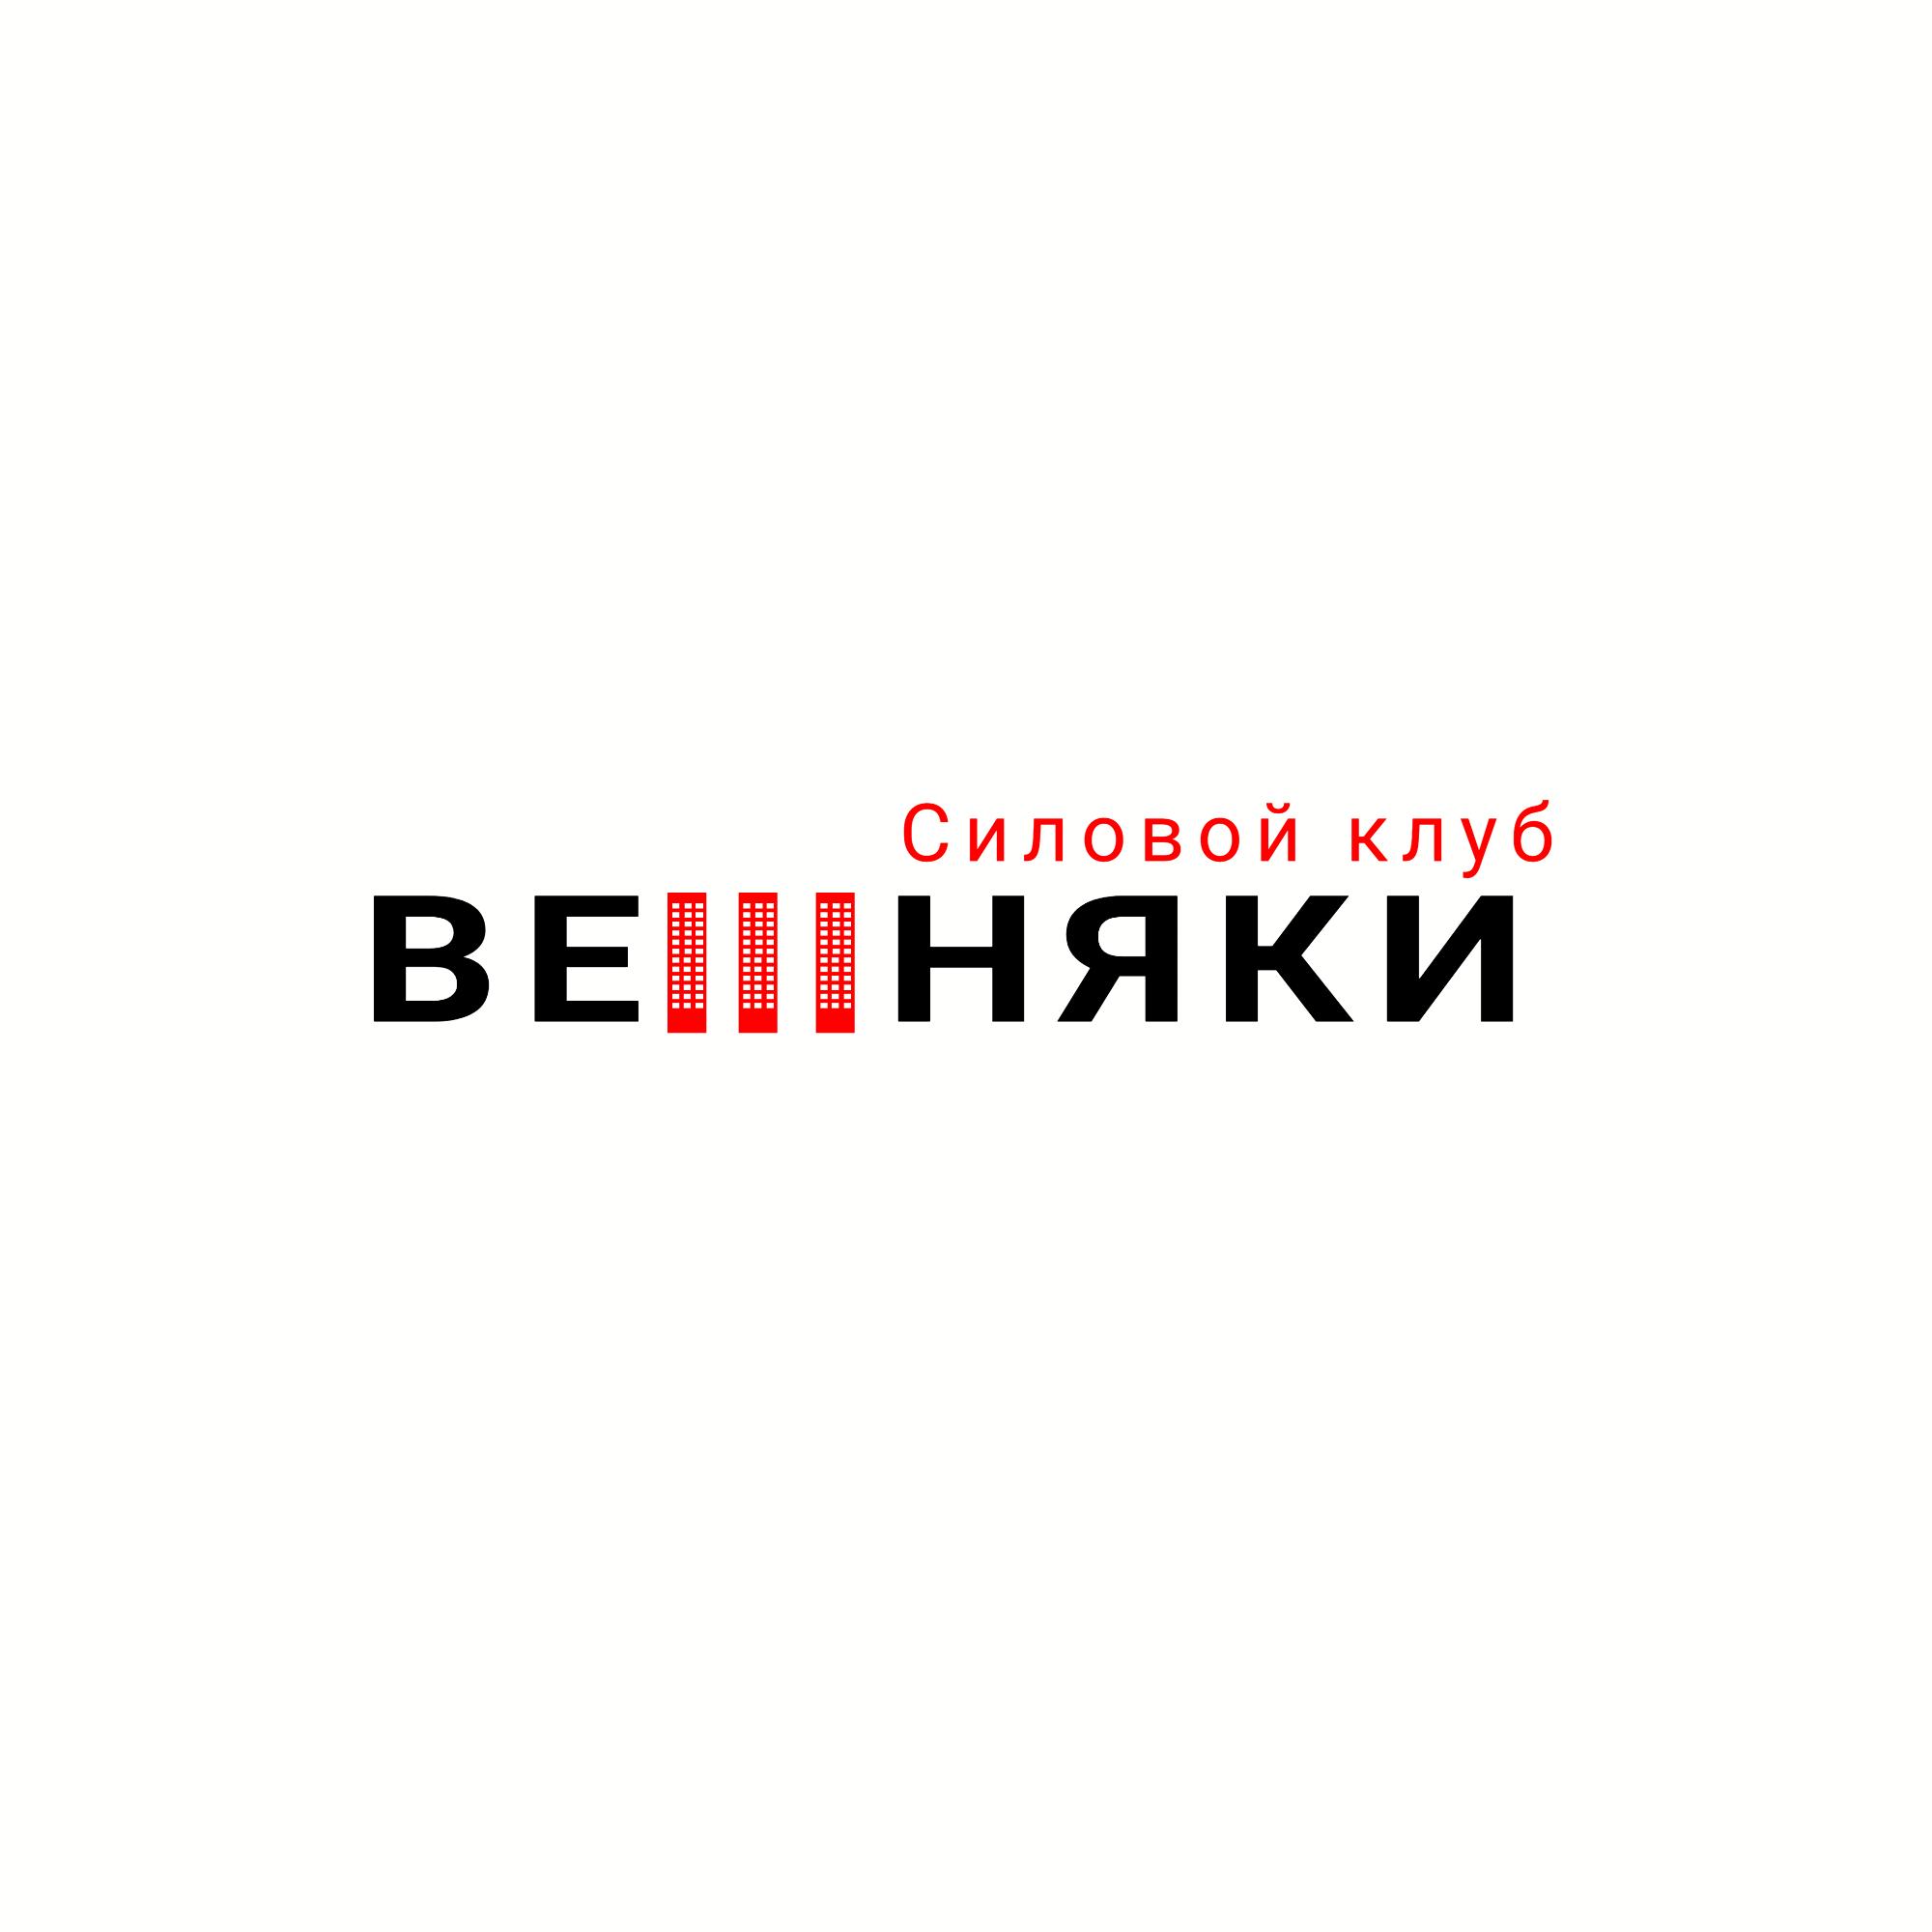 Адаптация (разработка) логотипа Силового клуба ВЕШНЯКИ в инт фото f_7045fbcfd8199e48.jpg